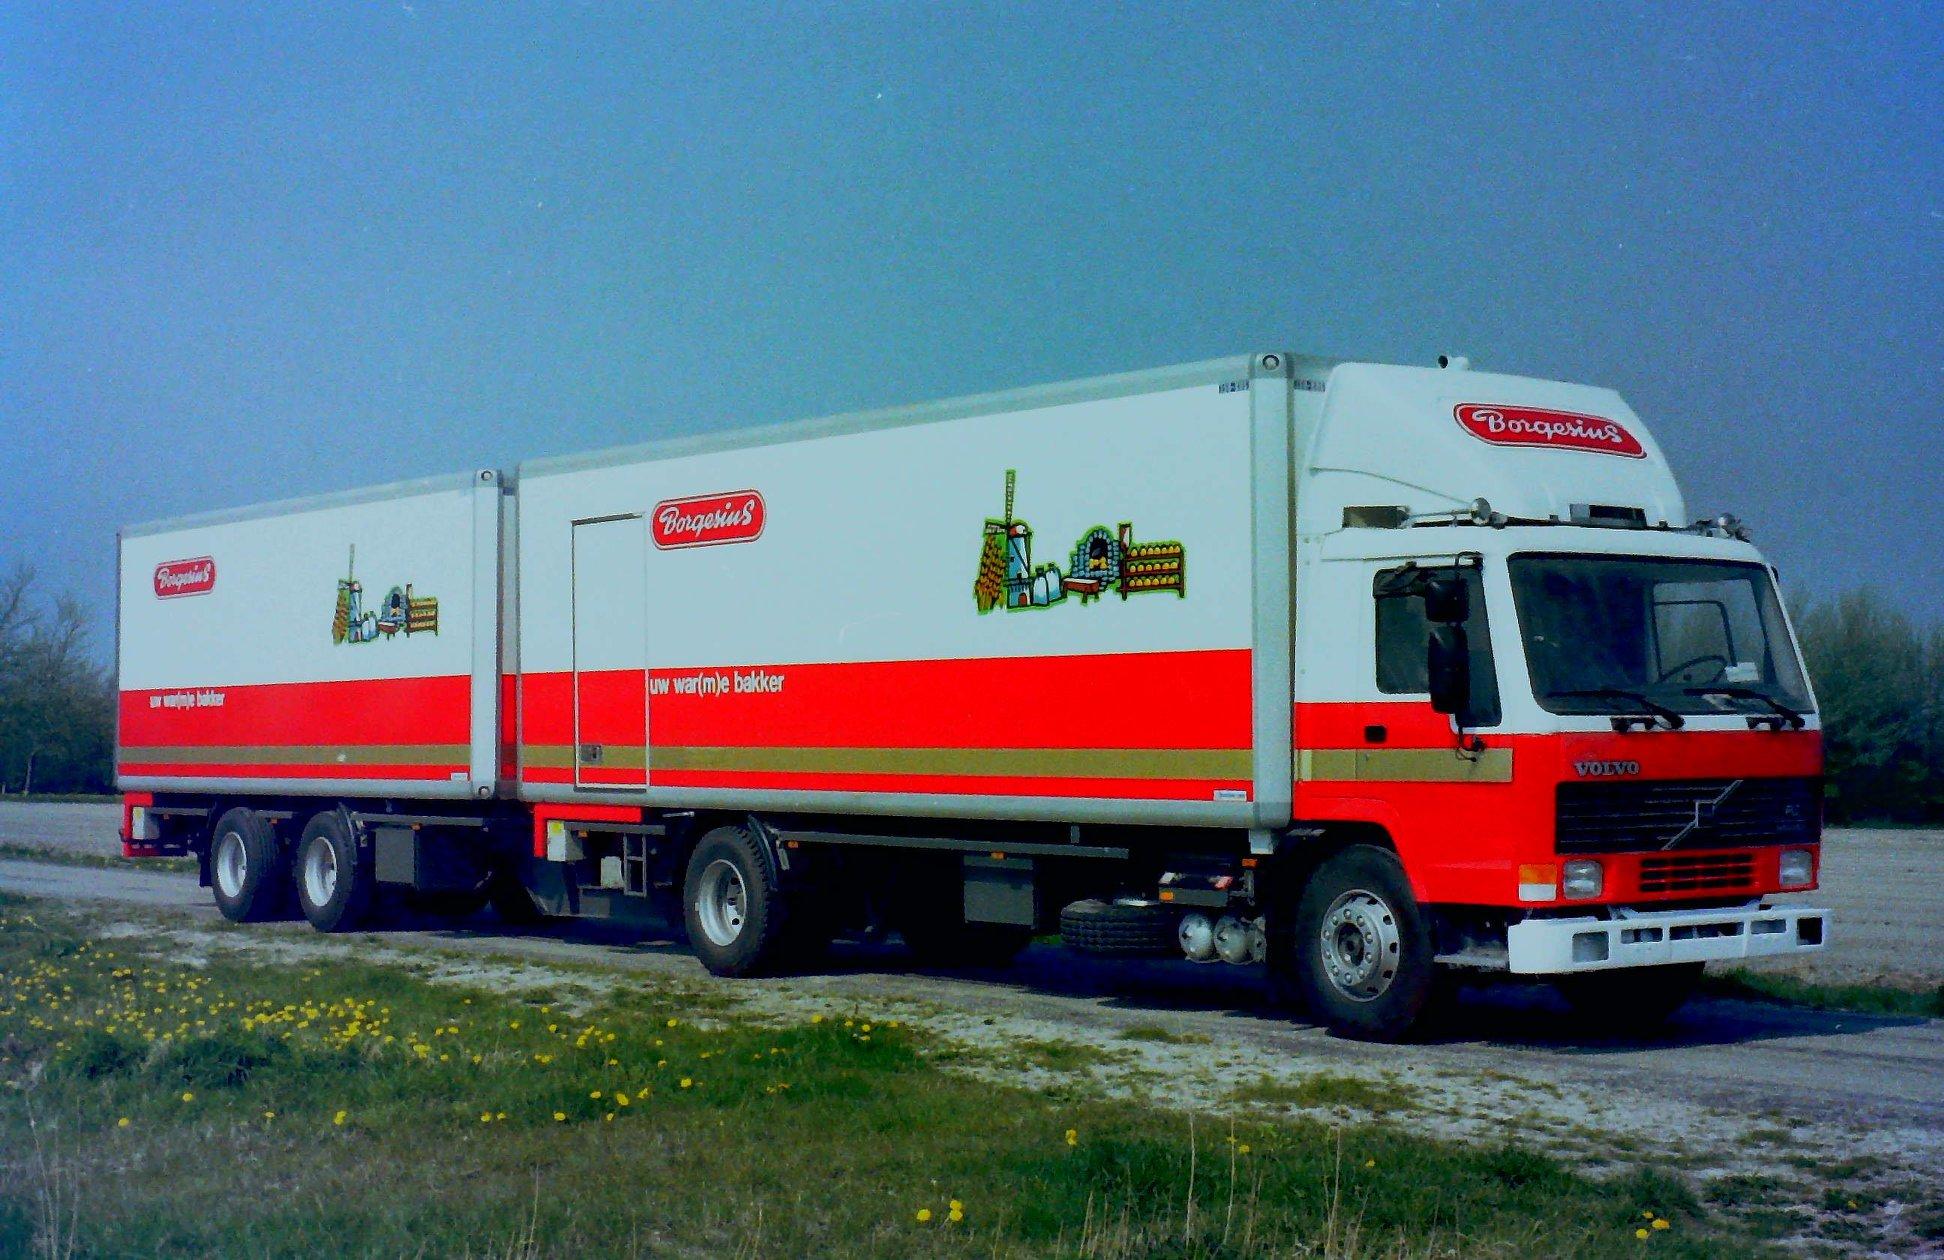 Volvo-combinatie-met-RAF-middenas-aanhangwagen-en-deze-Mitsubishi-zijn-ook-gebouwd-door-Rondaan-in-Berlikum-1